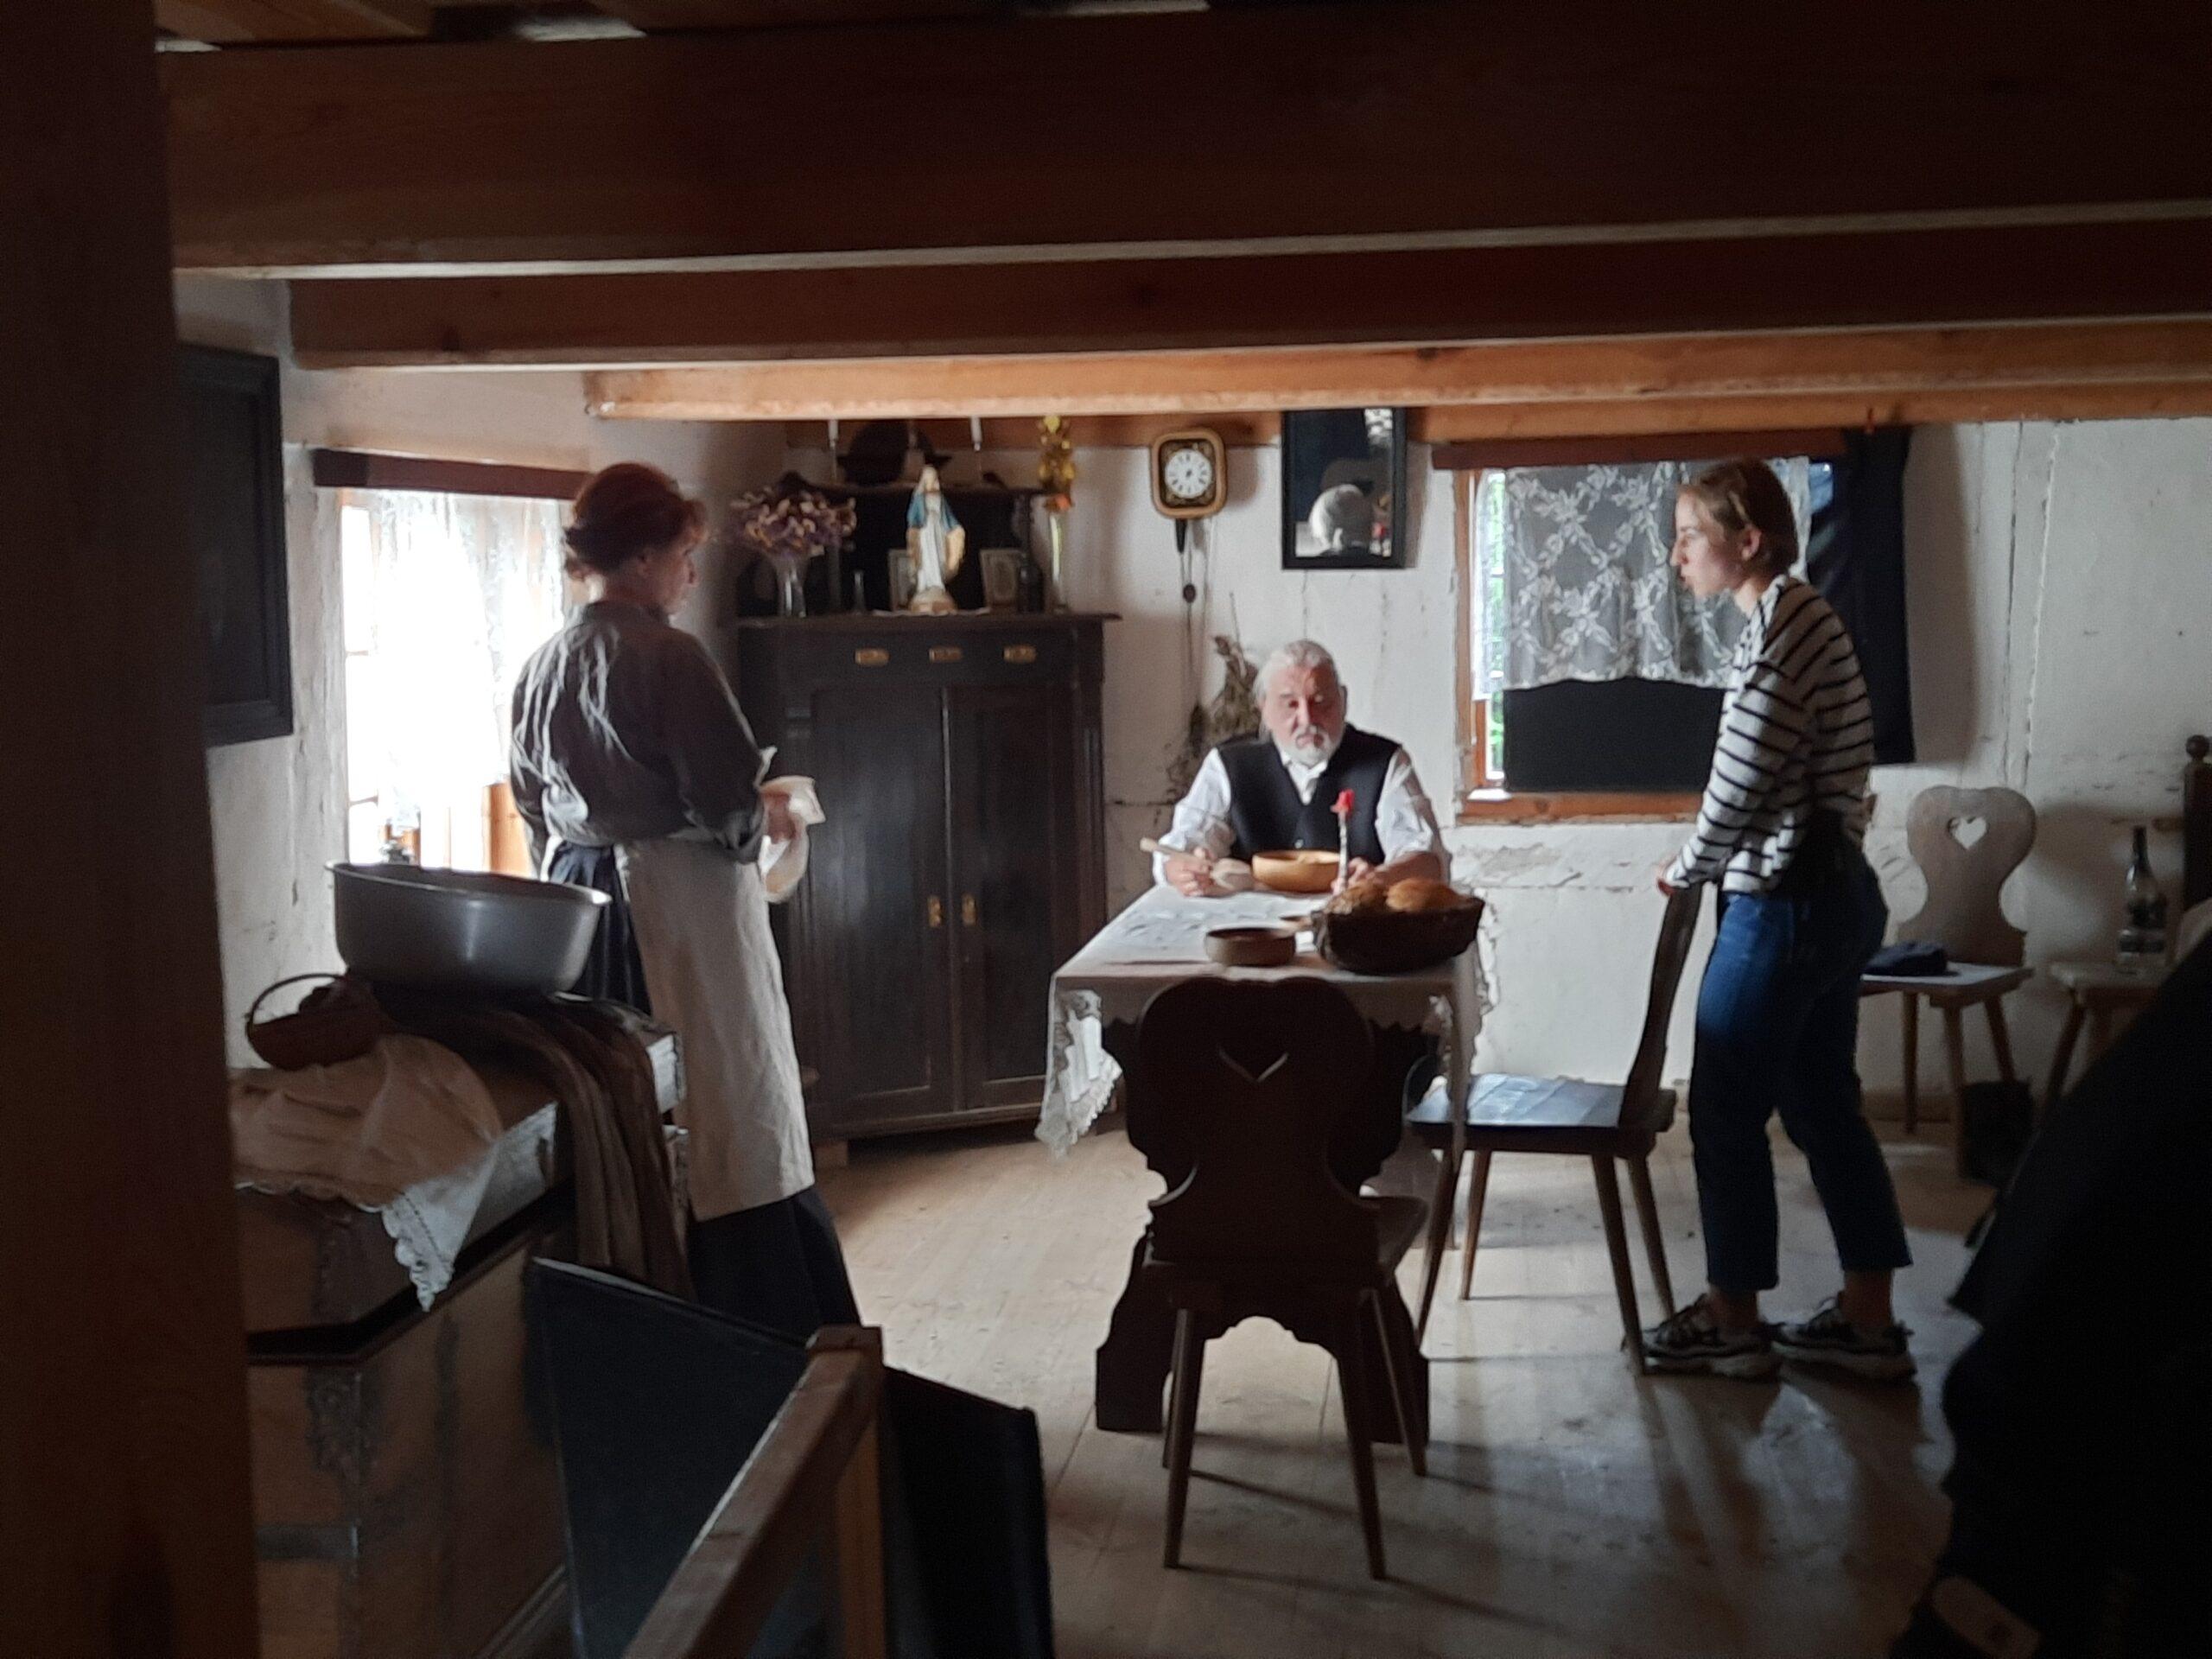 Fot. 2 Wskazówki reżyserskie. Od lewej: Ewa Gierlińska, Tomasz Fogiel, Diana Szczotka, 2021 r., fot. J. Grochowska.